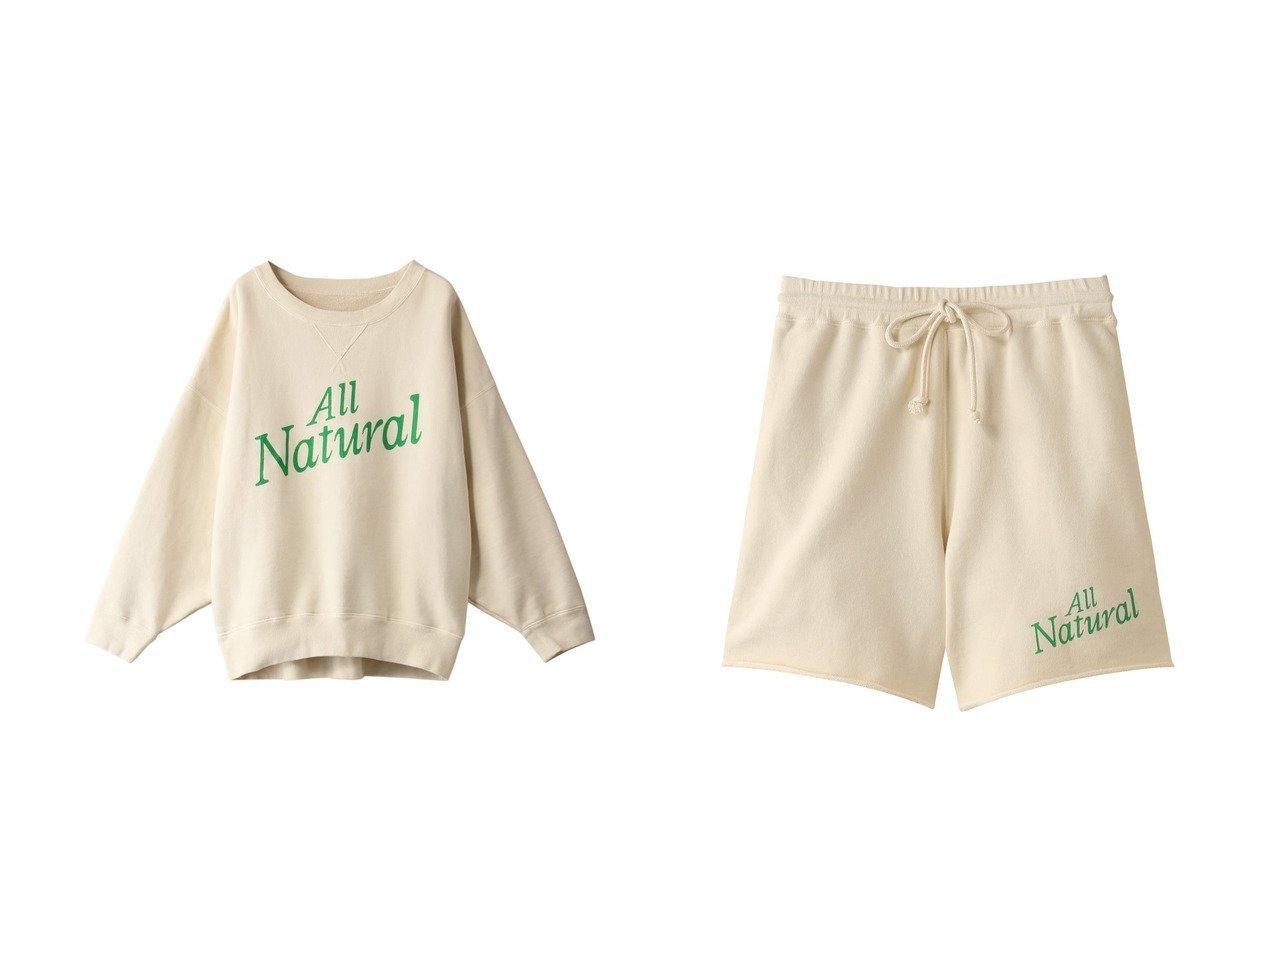 【INSCRIRE/アンスクリア】のAll Naturalスウェットショートパンツ&All Naturalスウェットプルオーバー INSCRIREのおすすめ!人気、トレンド・レディースファッションの通販 おすすめで人気の流行・トレンド、ファッションの通販商品 メンズファッション・キッズファッション・インテリア・家具・レディースファッション・服の通販 founy(ファニー) https://founy.com/ ファッション Fashion レディースファッション WOMEN トップス Tops Tshirt シャツ/ブラウス Shirts Blouses パーカ Sweats ロング / Tシャツ T-Shirts プルオーバー Pullover スウェット Sweat カットソー Cut and Sewn パンツ Pants ハーフ / ショートパンツ Short Pants 2021年 2021 2021 春夏 S/S SS Spring/Summer 2021 S/S 春夏 SS Spring/Summer バランス フロント 春 Spring  ID:crp329100000019473